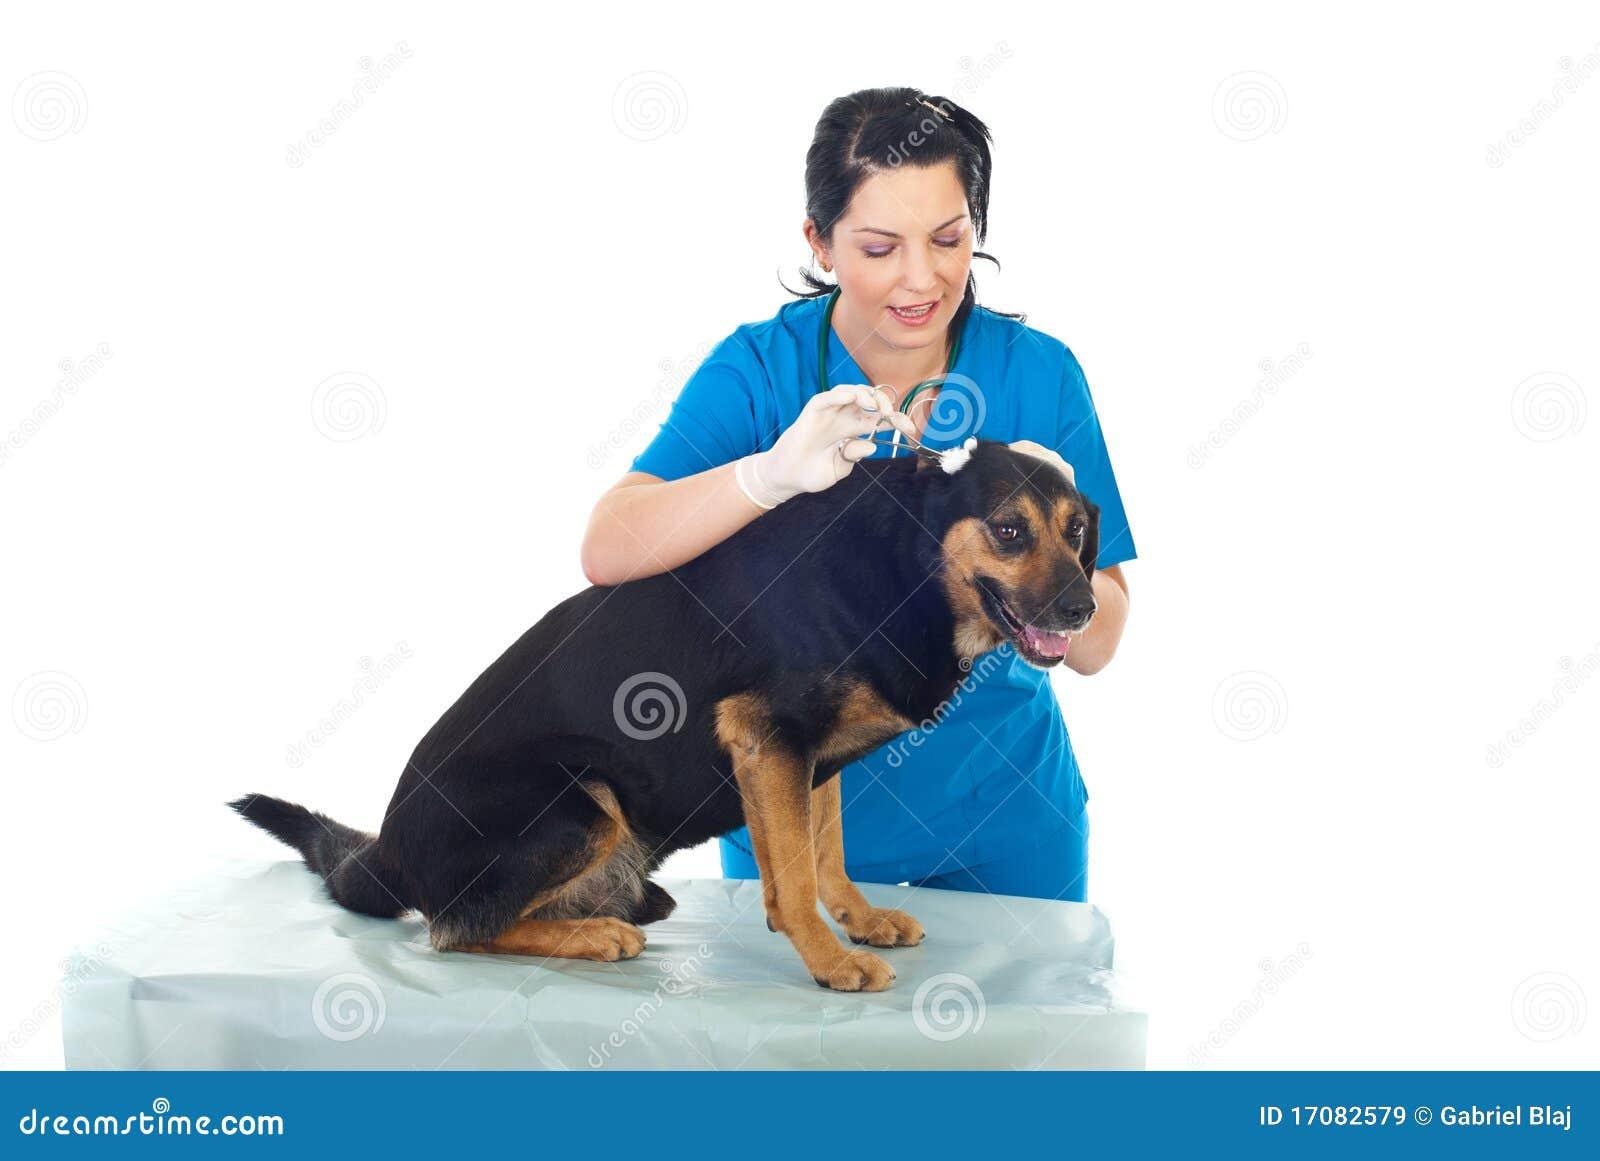 ветеринар уха собаки чистки